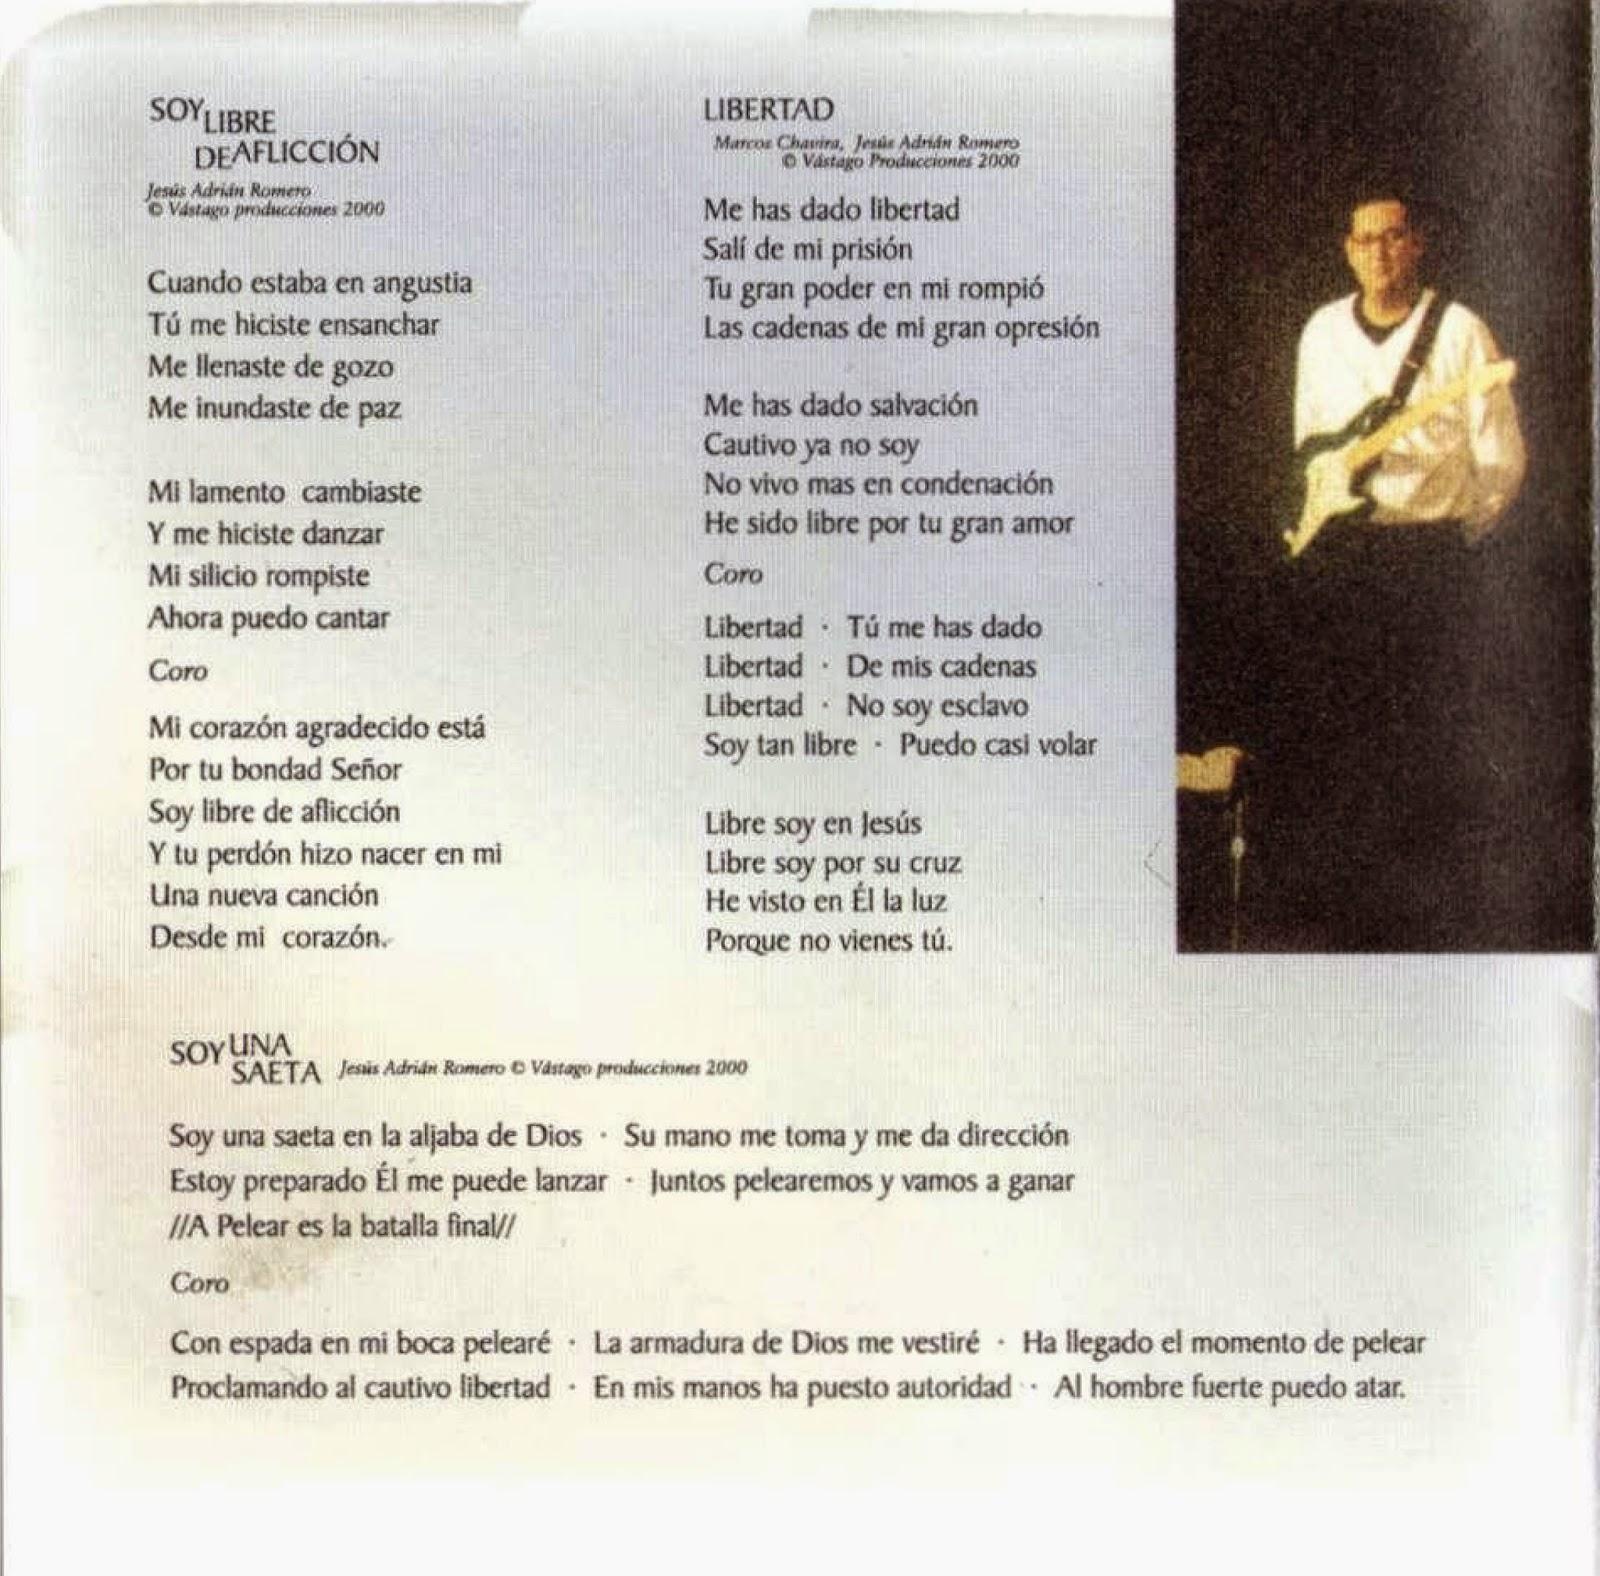 REBOSA MI CORAZÓN - Jesús Adrián Romero - letras.com